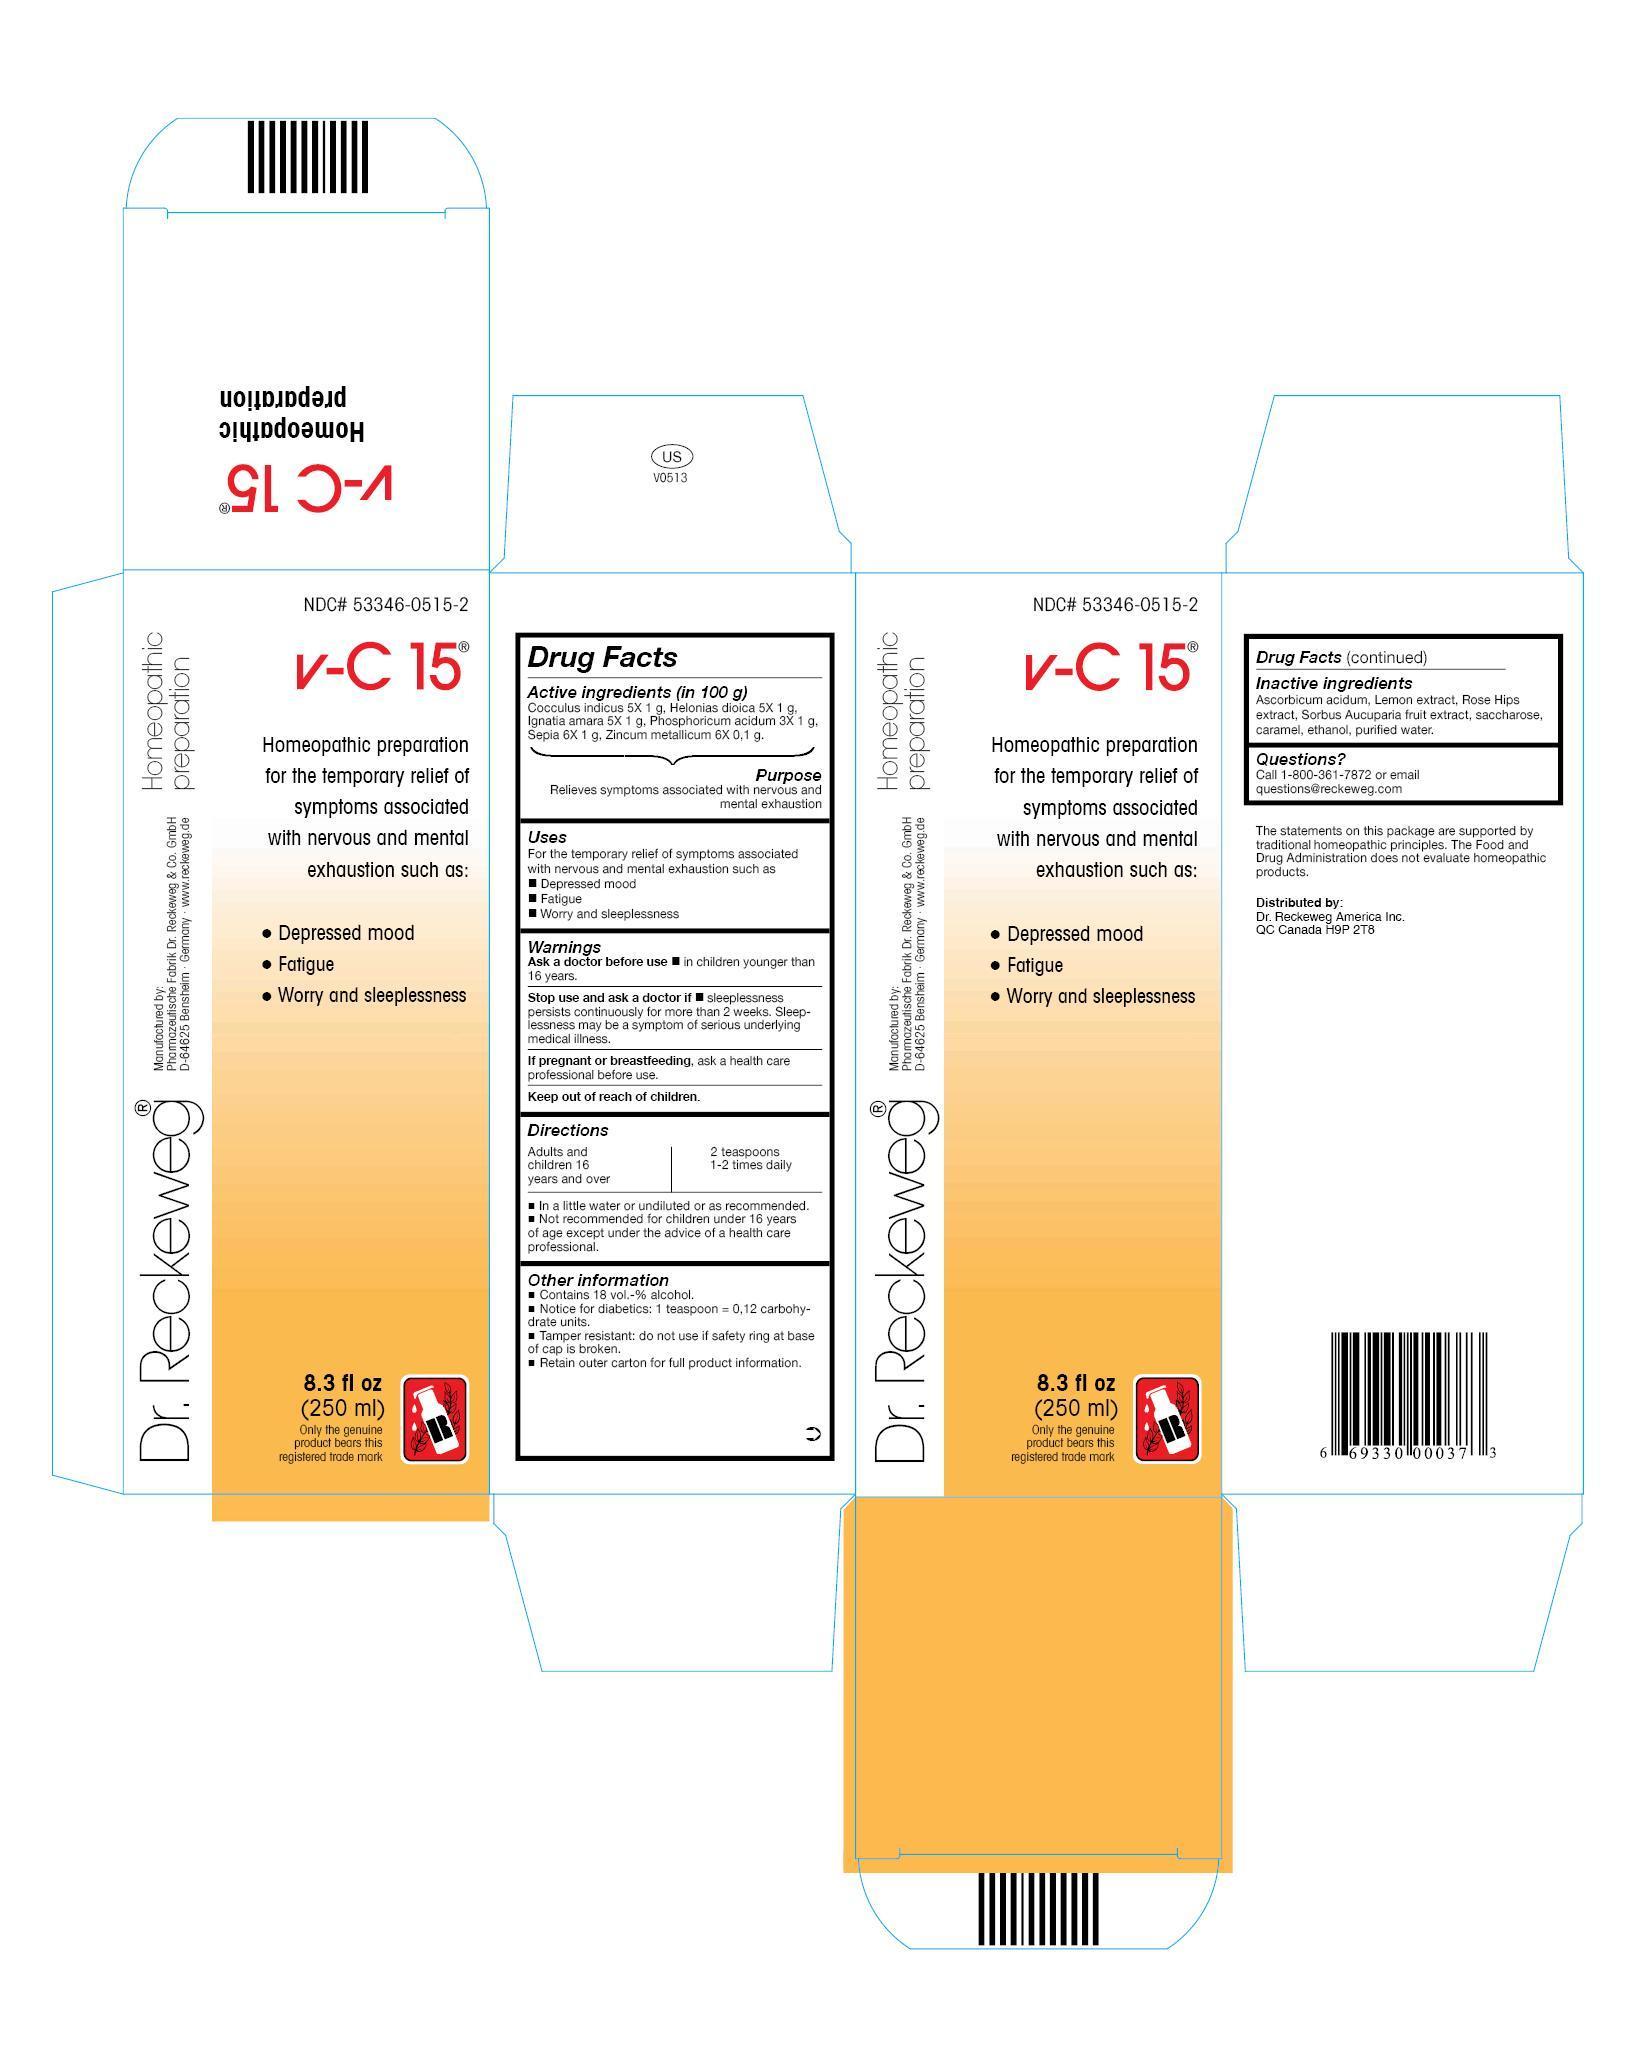 Dr. Reckeweg V-c15 Homeopathic Preparation (Cocculus Indicus 5x, Helonias Dioica 5x, Ignatia Amara 5x, Phosphoricum Acidum 3x, Sepia 6x, Zincum Metallicum 6x) Liquid [Pharmazeutische Fabrik Dr. Reckeweg & Co]